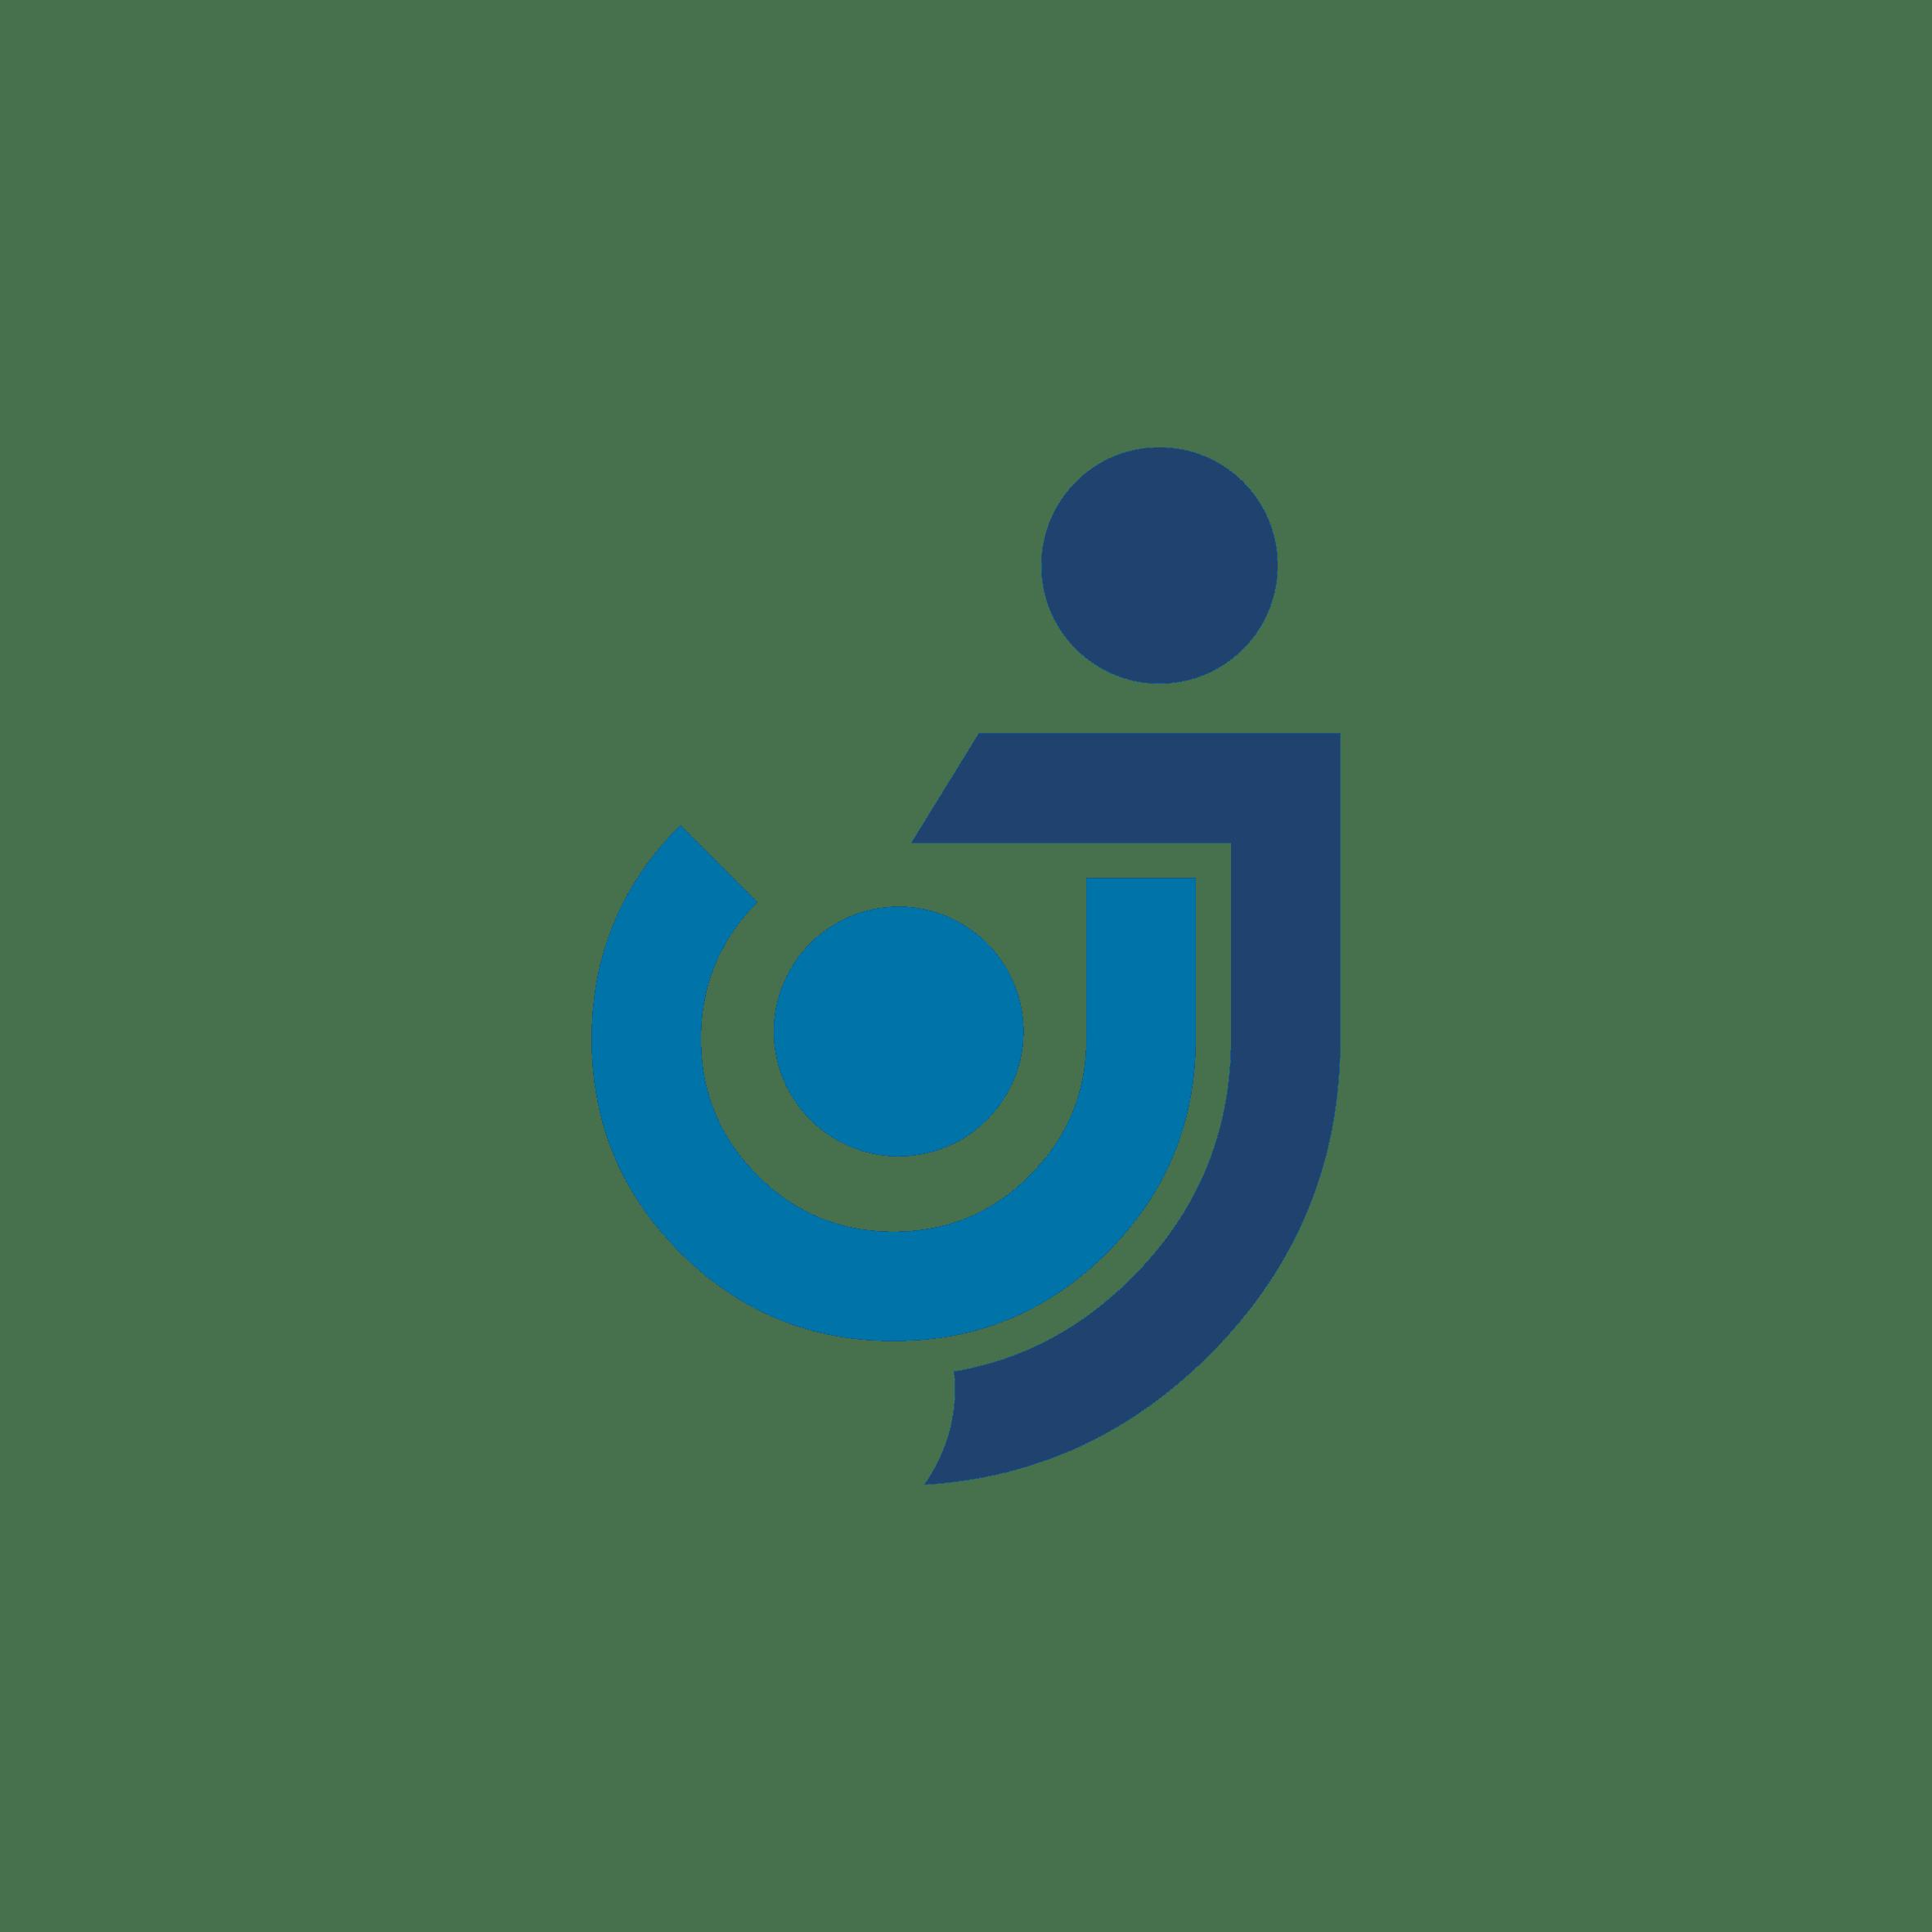 IDAM - INSTITUTO DE DIREITO E ADVOCACIA DA AMAZÔNIA